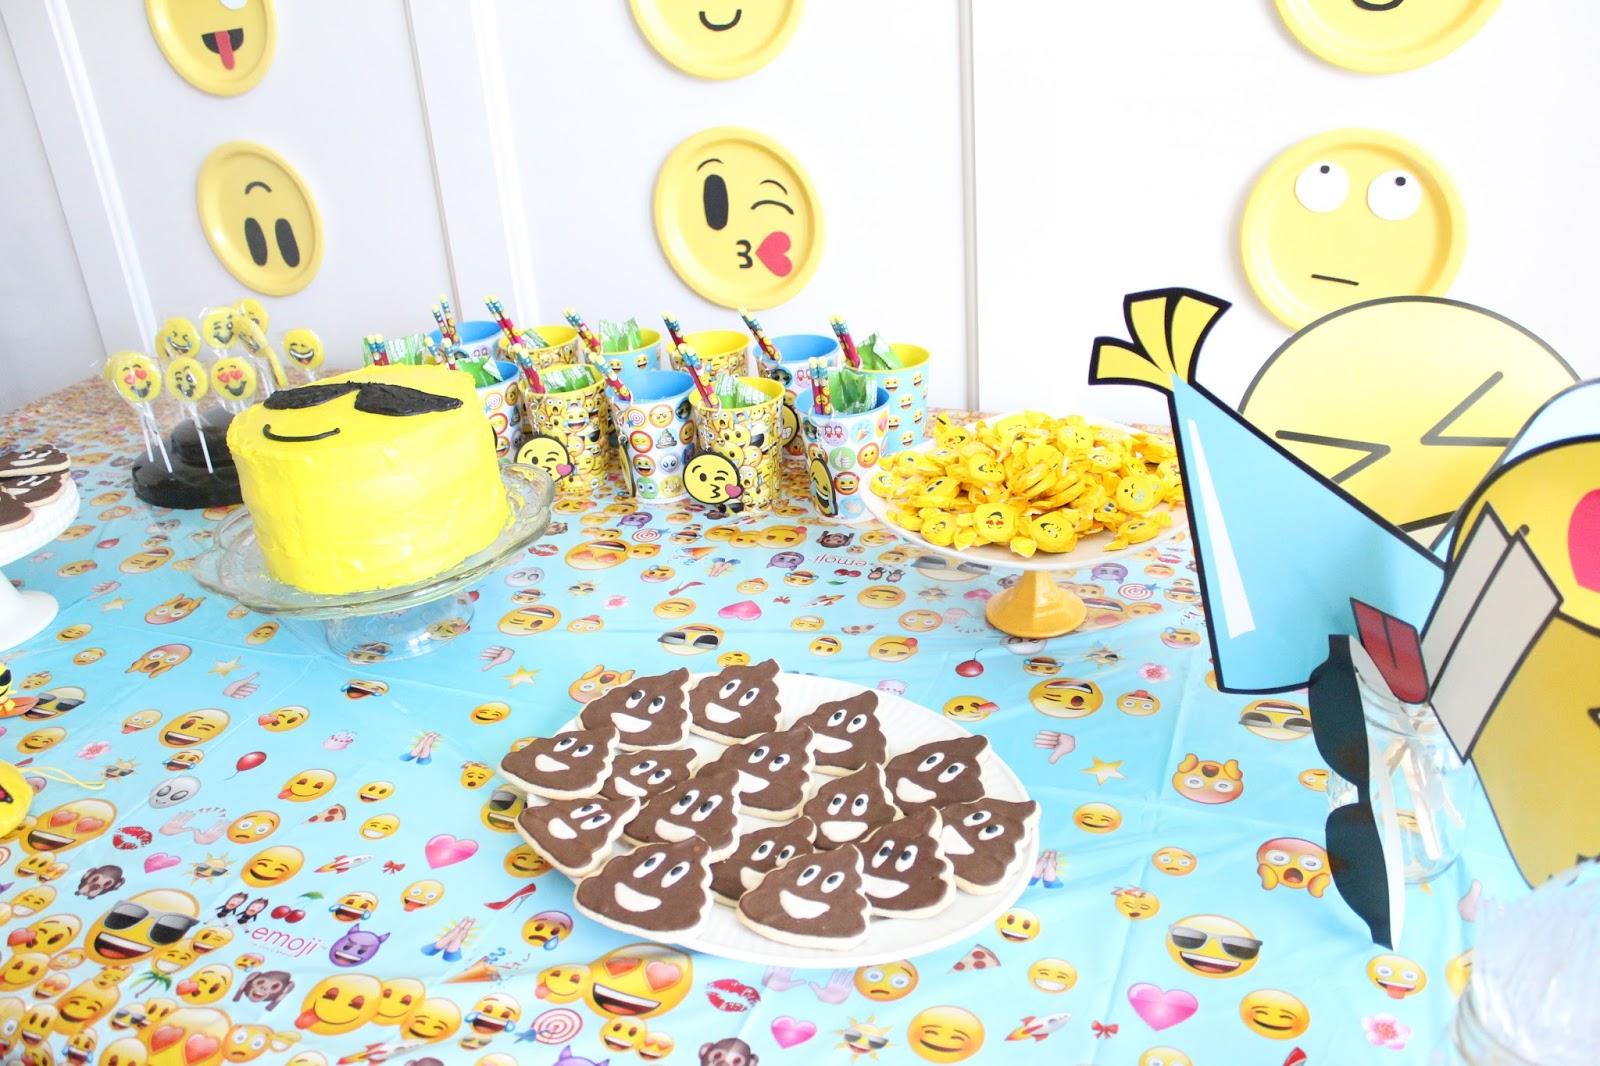 Emoji Birthday Party Diy 50 Diy Emoji Craft Ideas That Will Put A